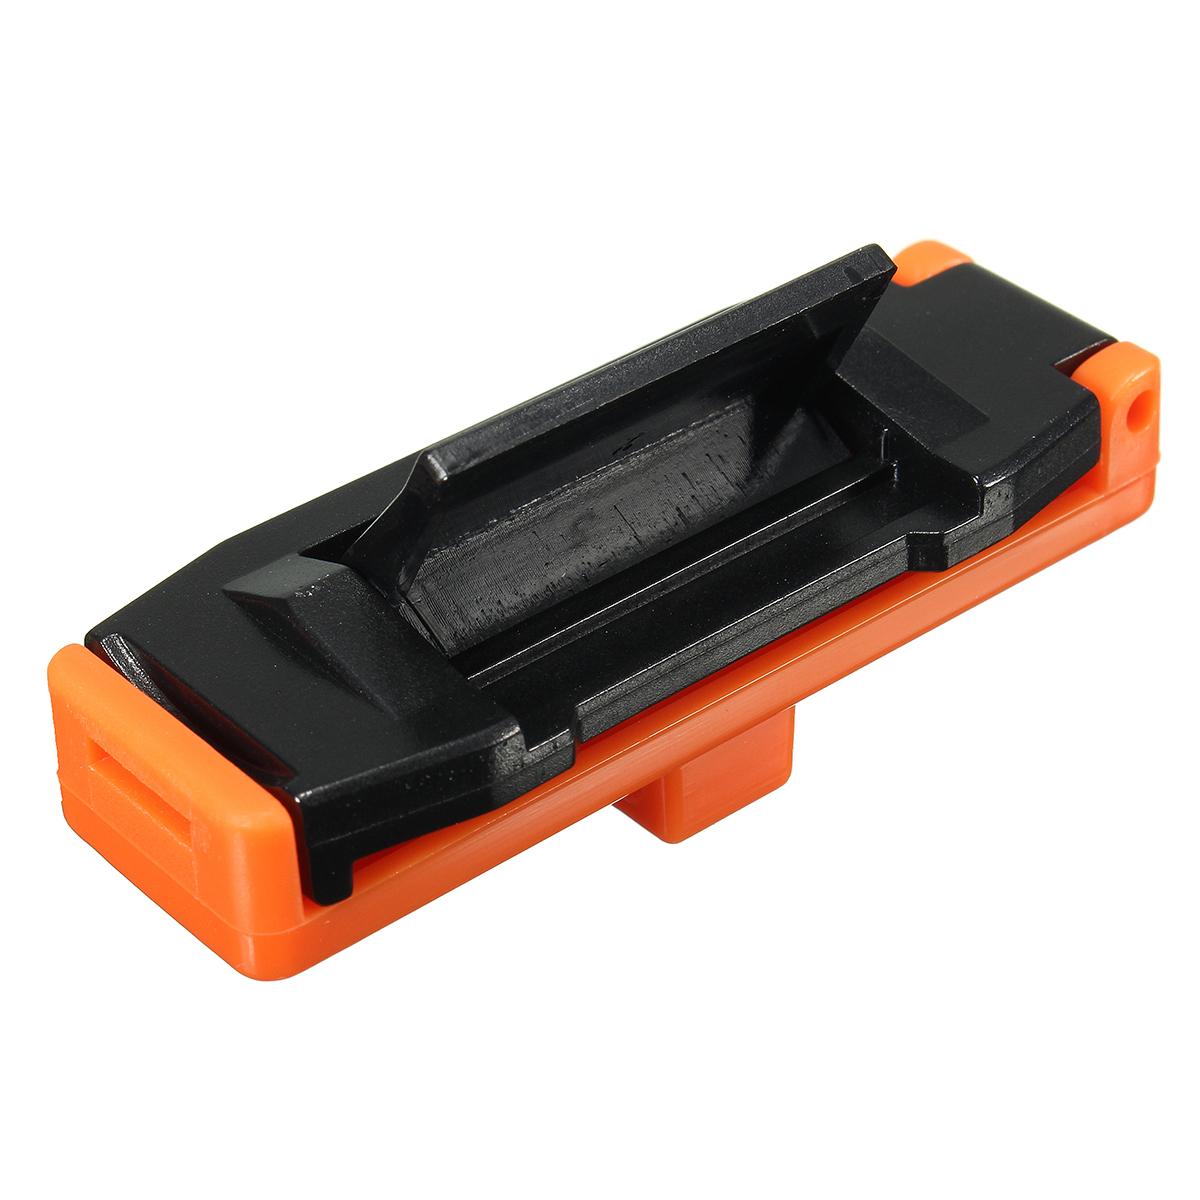 Car seat belt adjustable safety strap stopper plastic